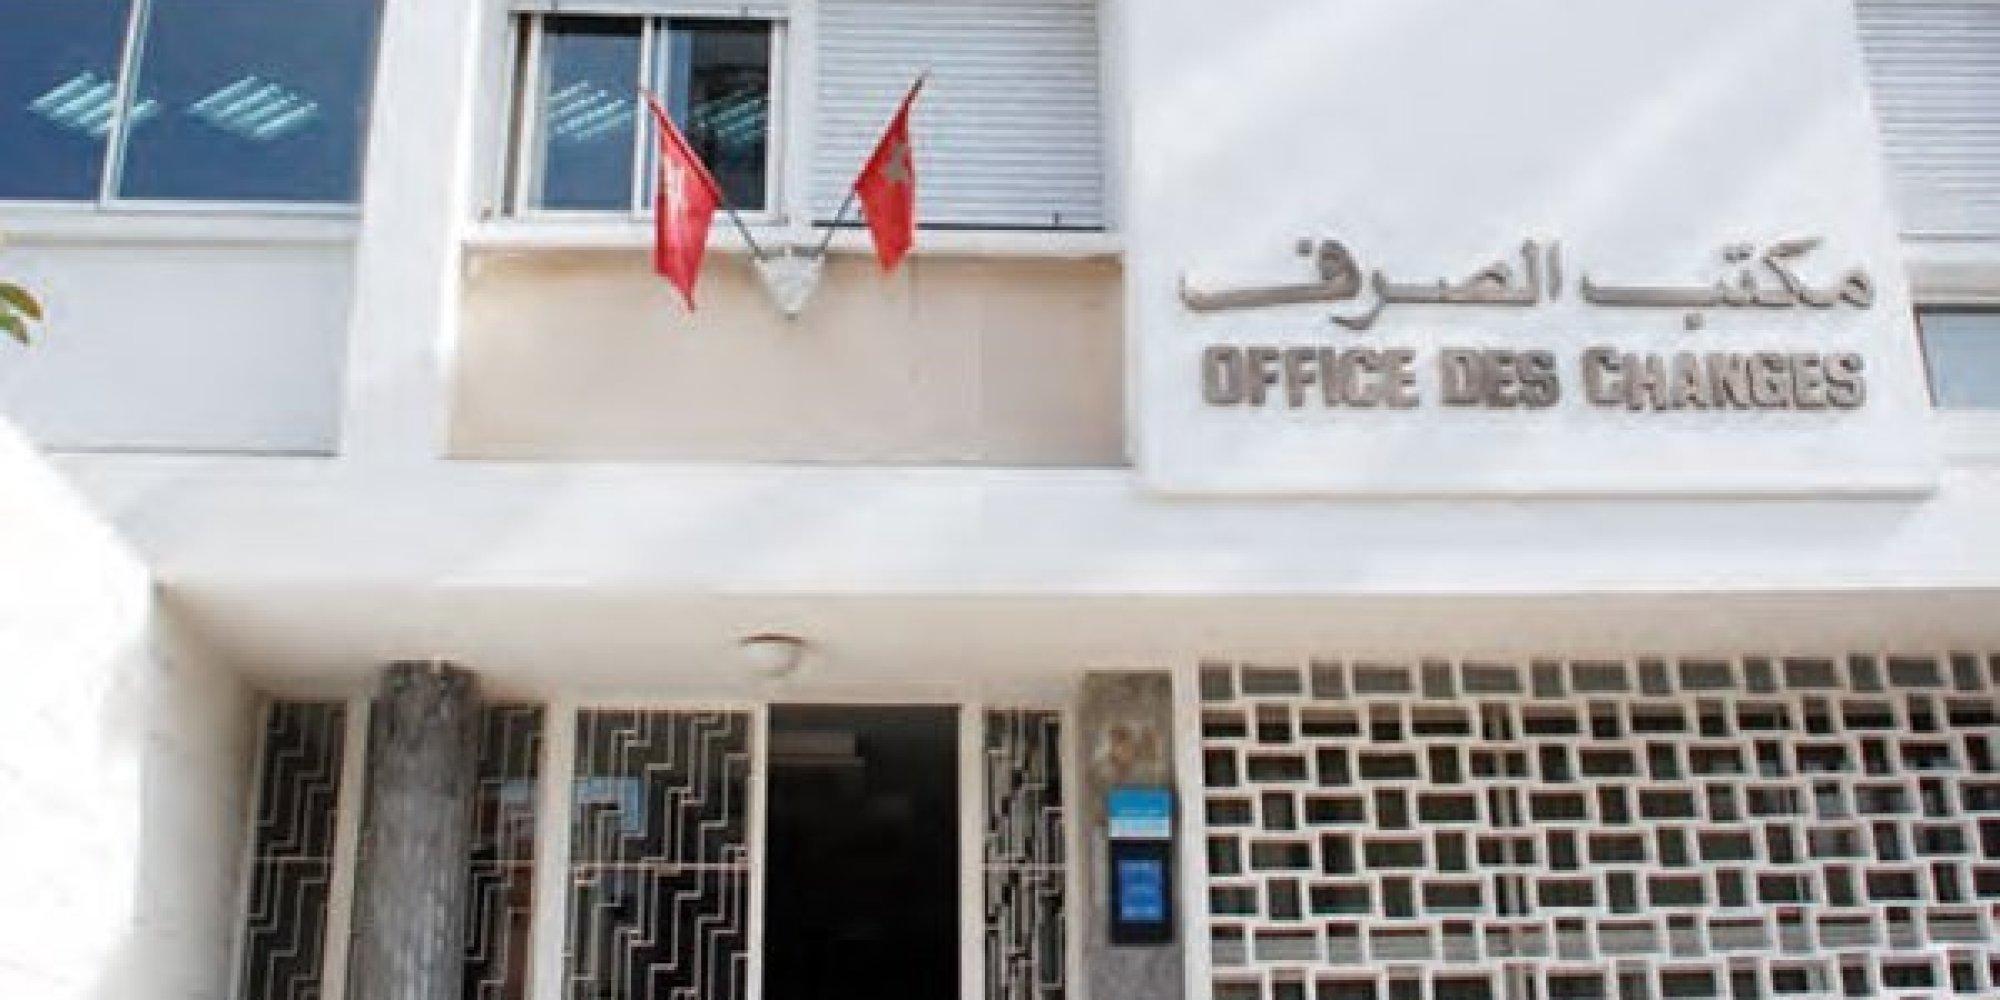 مكتب الصرف يكشف عن حجم العجر التجاري الذي سجله المغرب